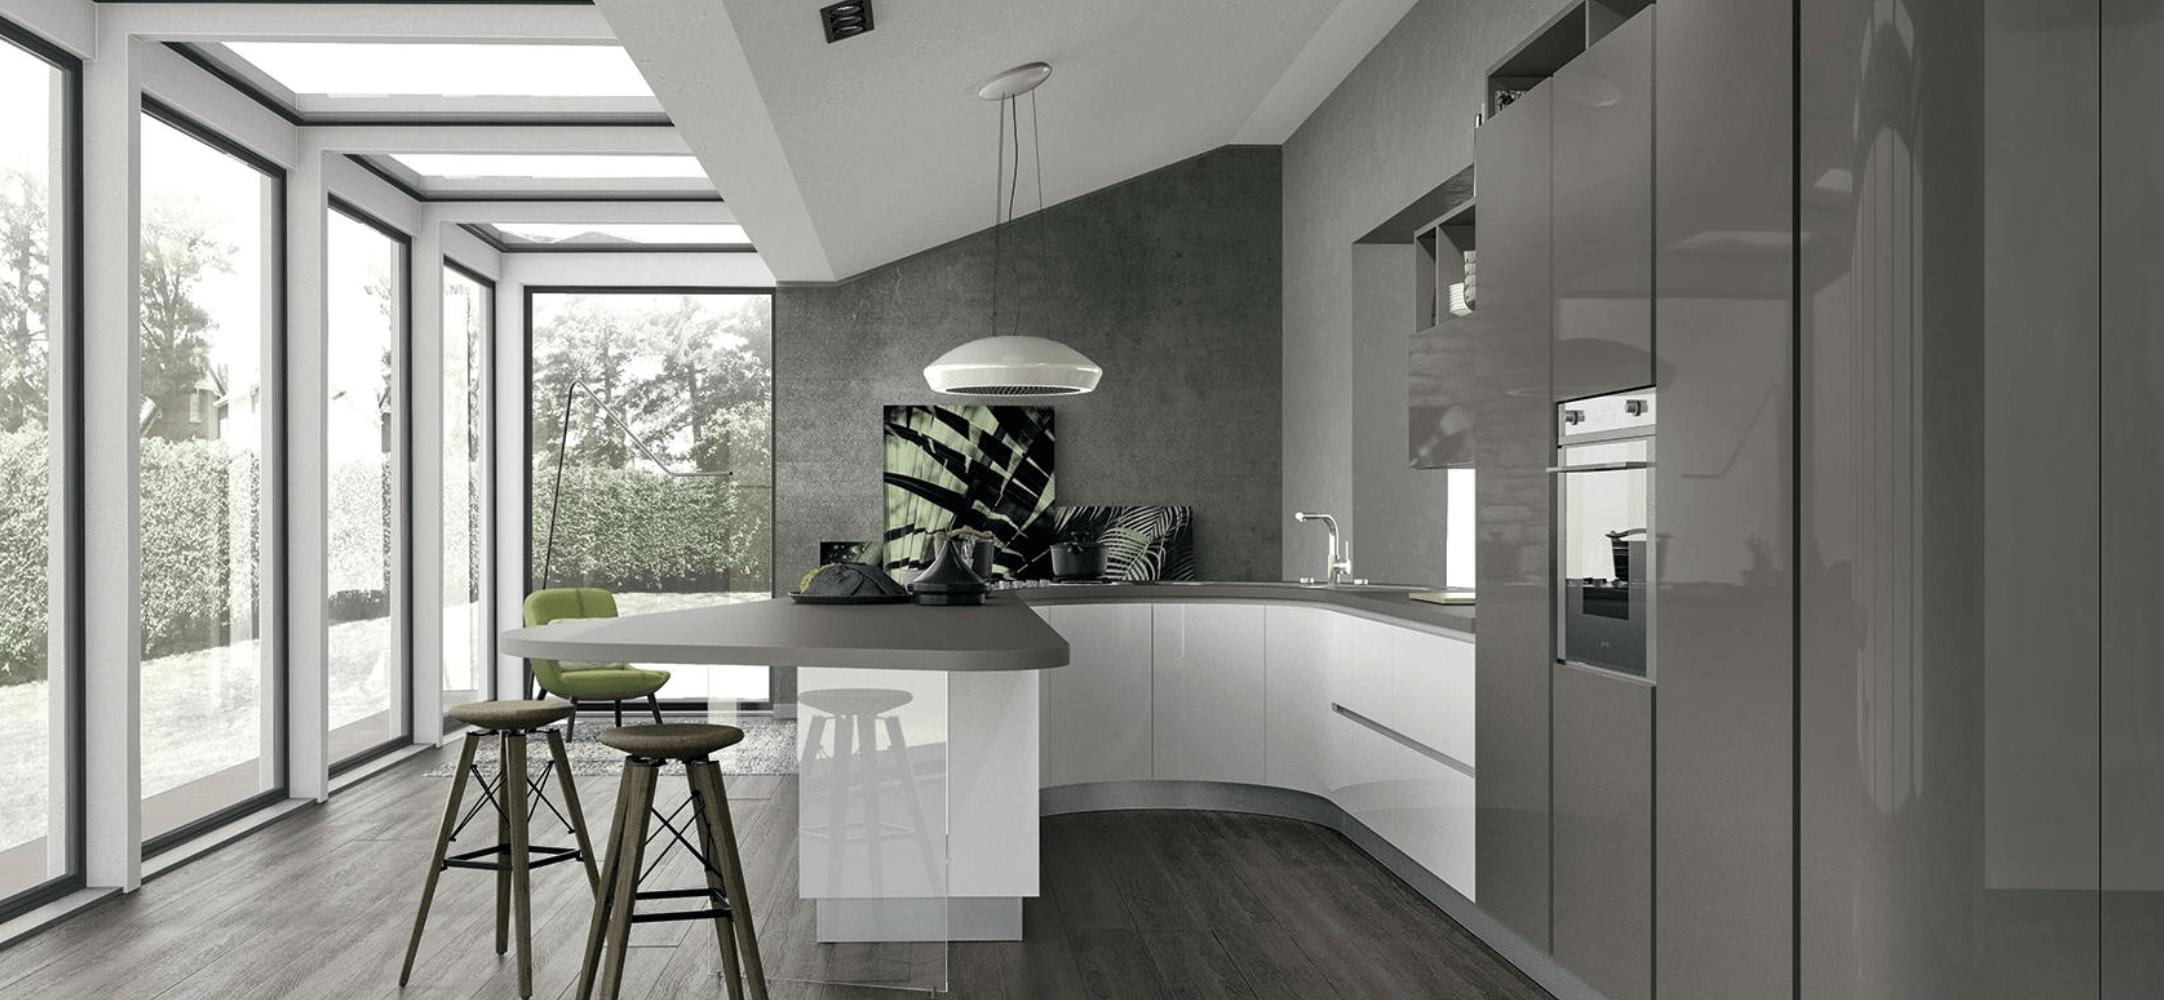 Coprire Piastrelle Cucina Con Pannelli i migliori rivestimenti per le pareti della cucina - lube